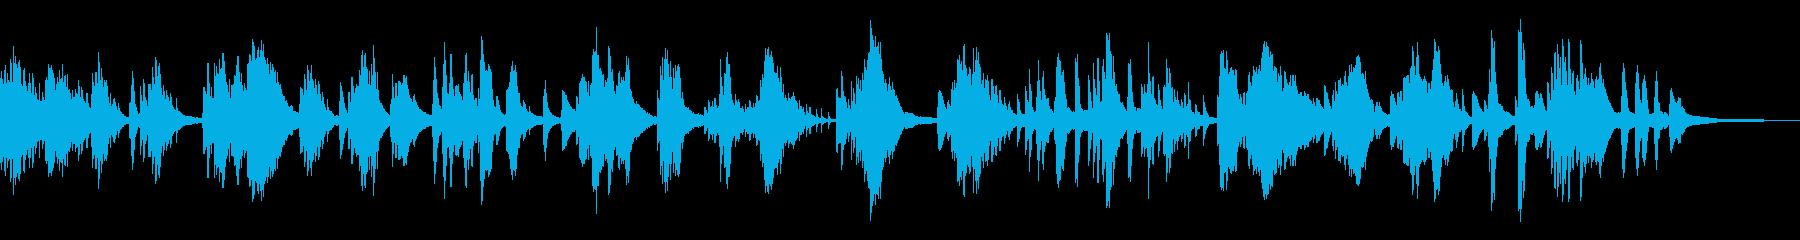 暗く湿った伝統的な和風曲14-ピアノソロの再生済みの波形